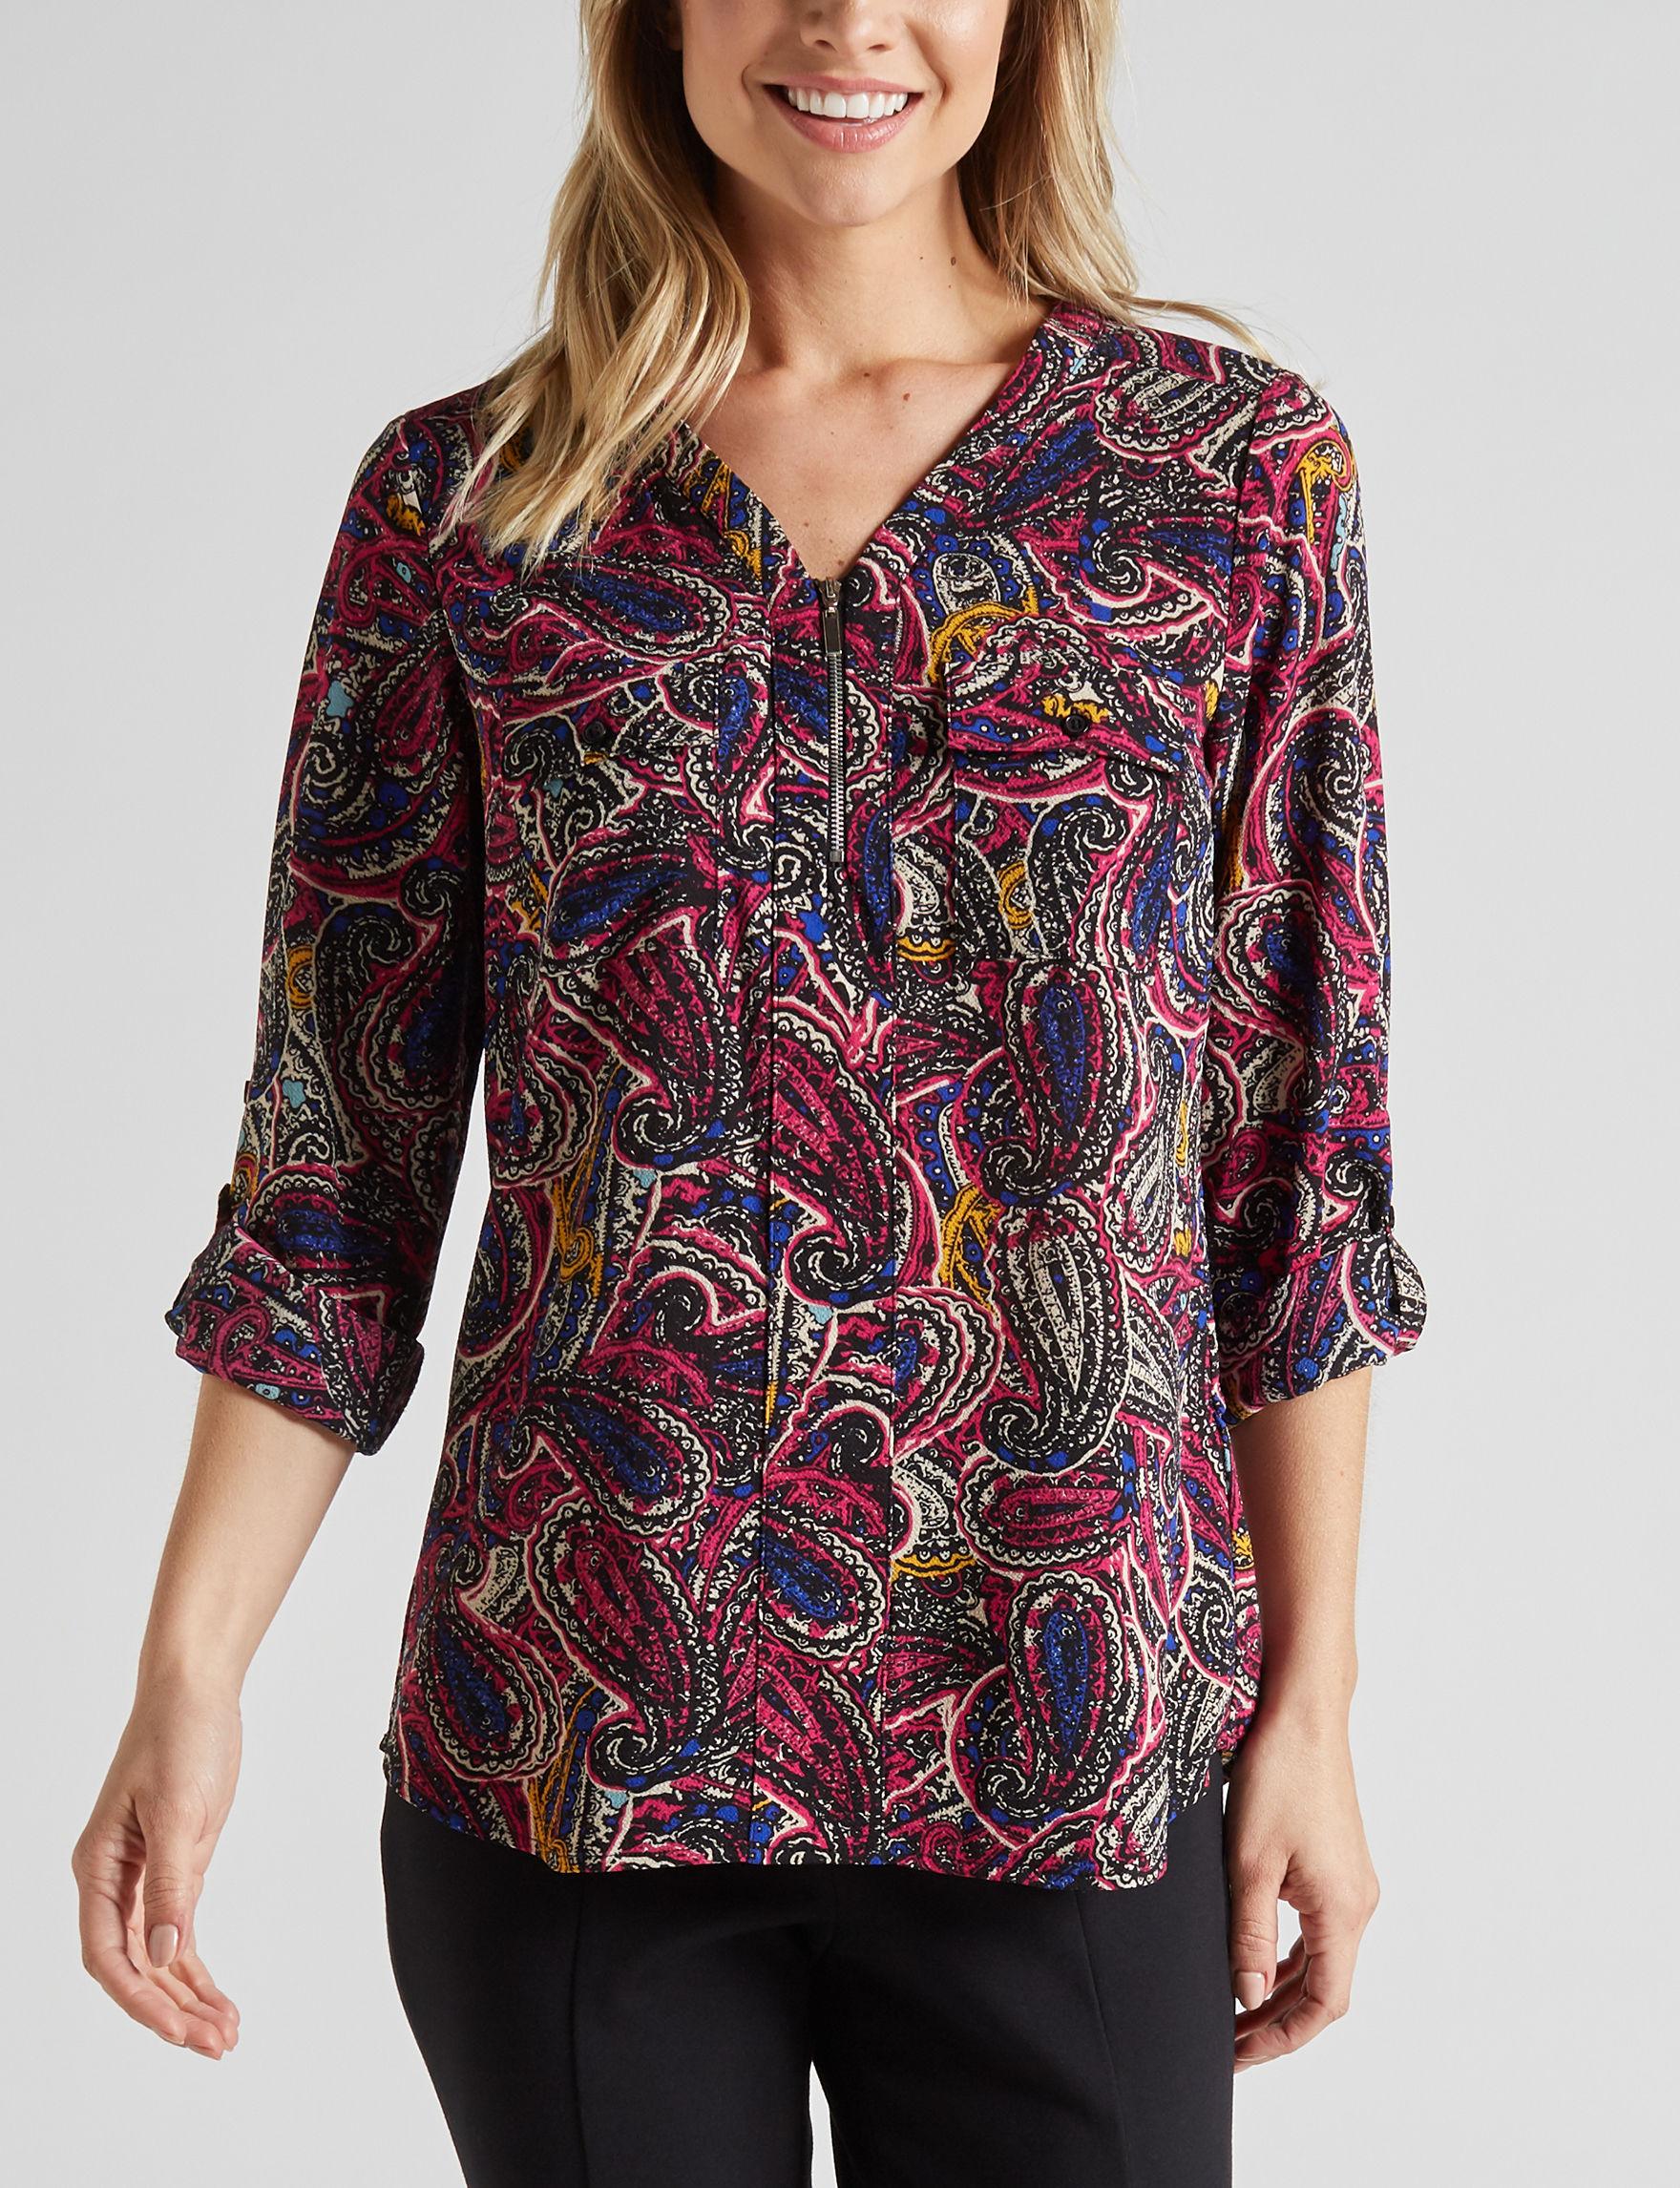 Valerie Stevens Fuschia Multi Shirts & Blouses